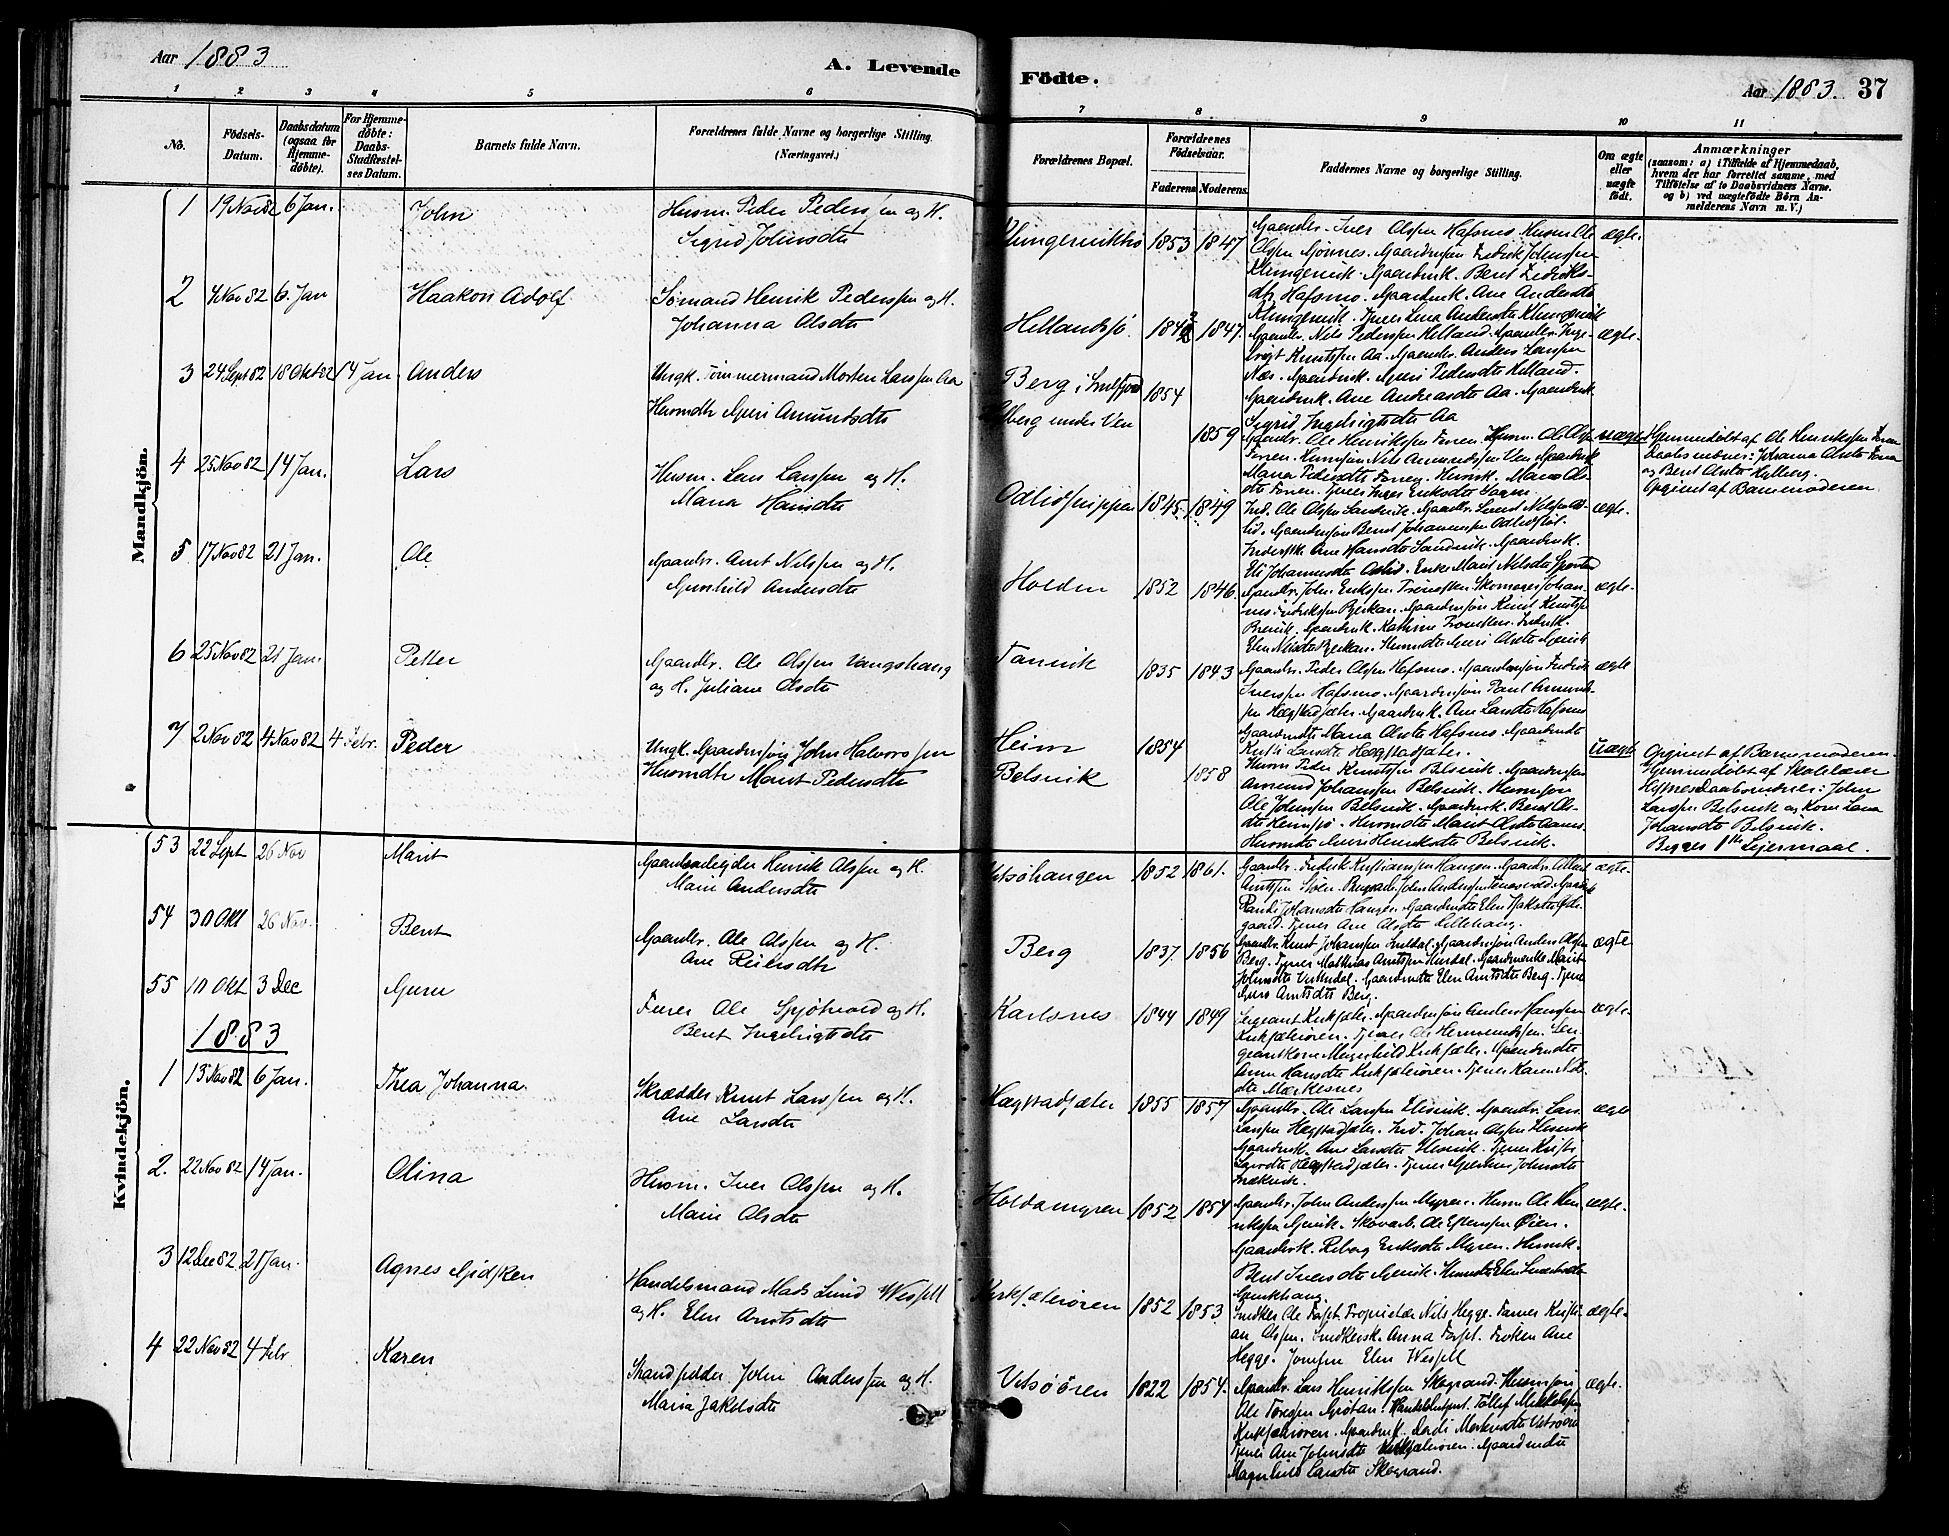 SAT, Ministerialprotokoller, klokkerbøker og fødselsregistre - Sør-Trøndelag, 630/L0496: Ministerialbok nr. 630A09, 1879-1895, s. 37